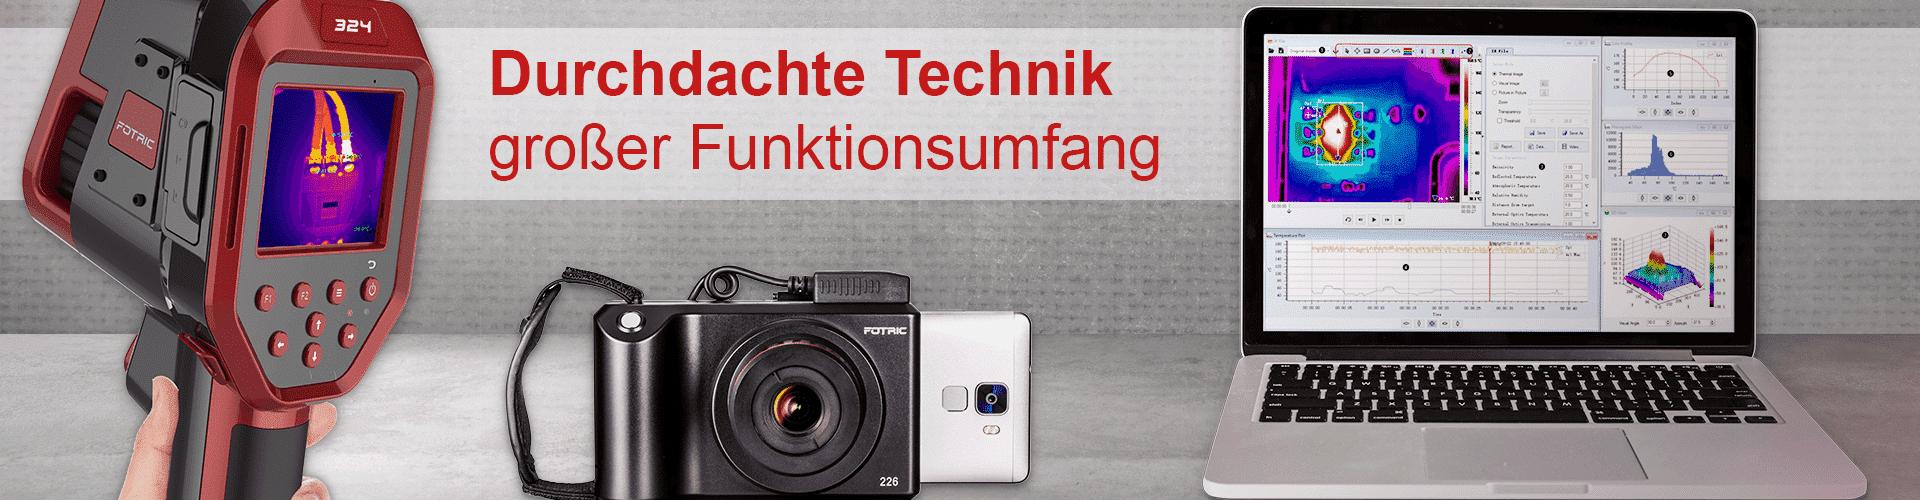 FOTRIC Wärmebildkameras durchdachte Technik - großer Funktionsempfang